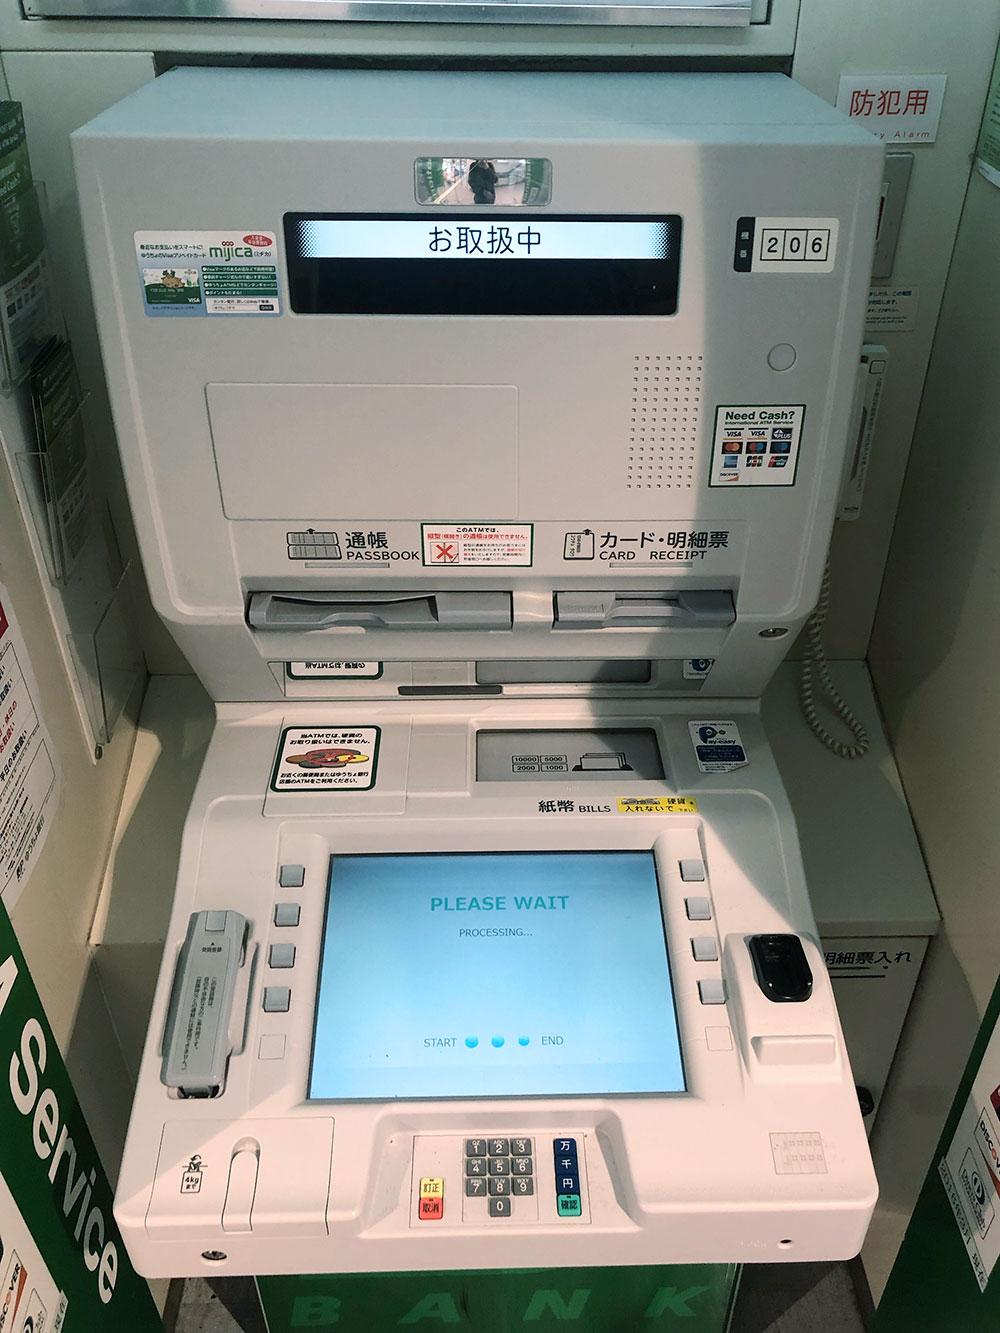 Этот банкомат банка Japan Post — первое, с чем я столкнулся в Японии. Уже в тот момент я понял, что в следующие 11 дней мне придется непросто